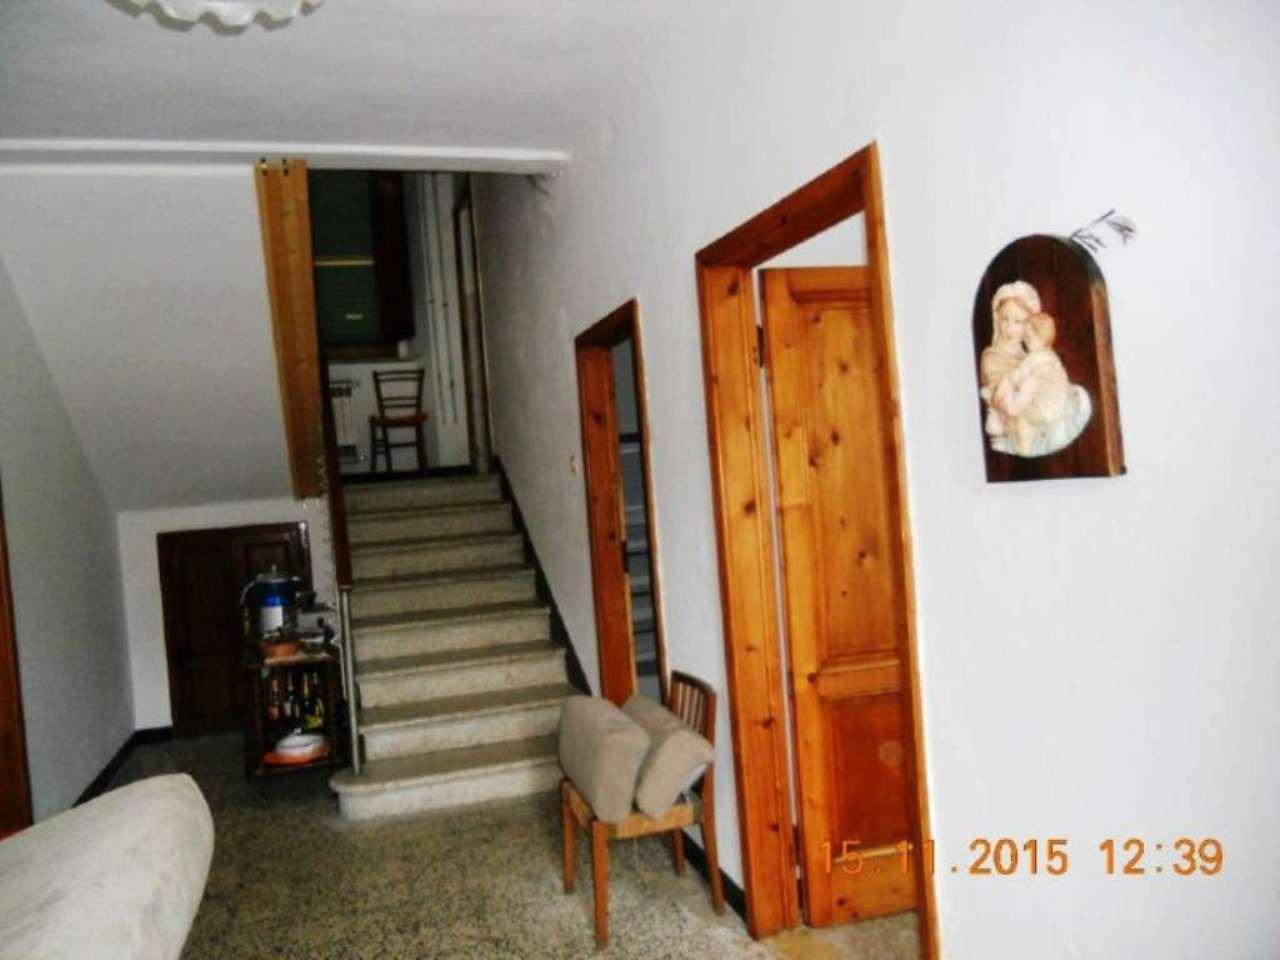 Palazzo / Stabile in vendita a Cutigliano, 7 locali, prezzo € 65.000 | CambioCasa.it